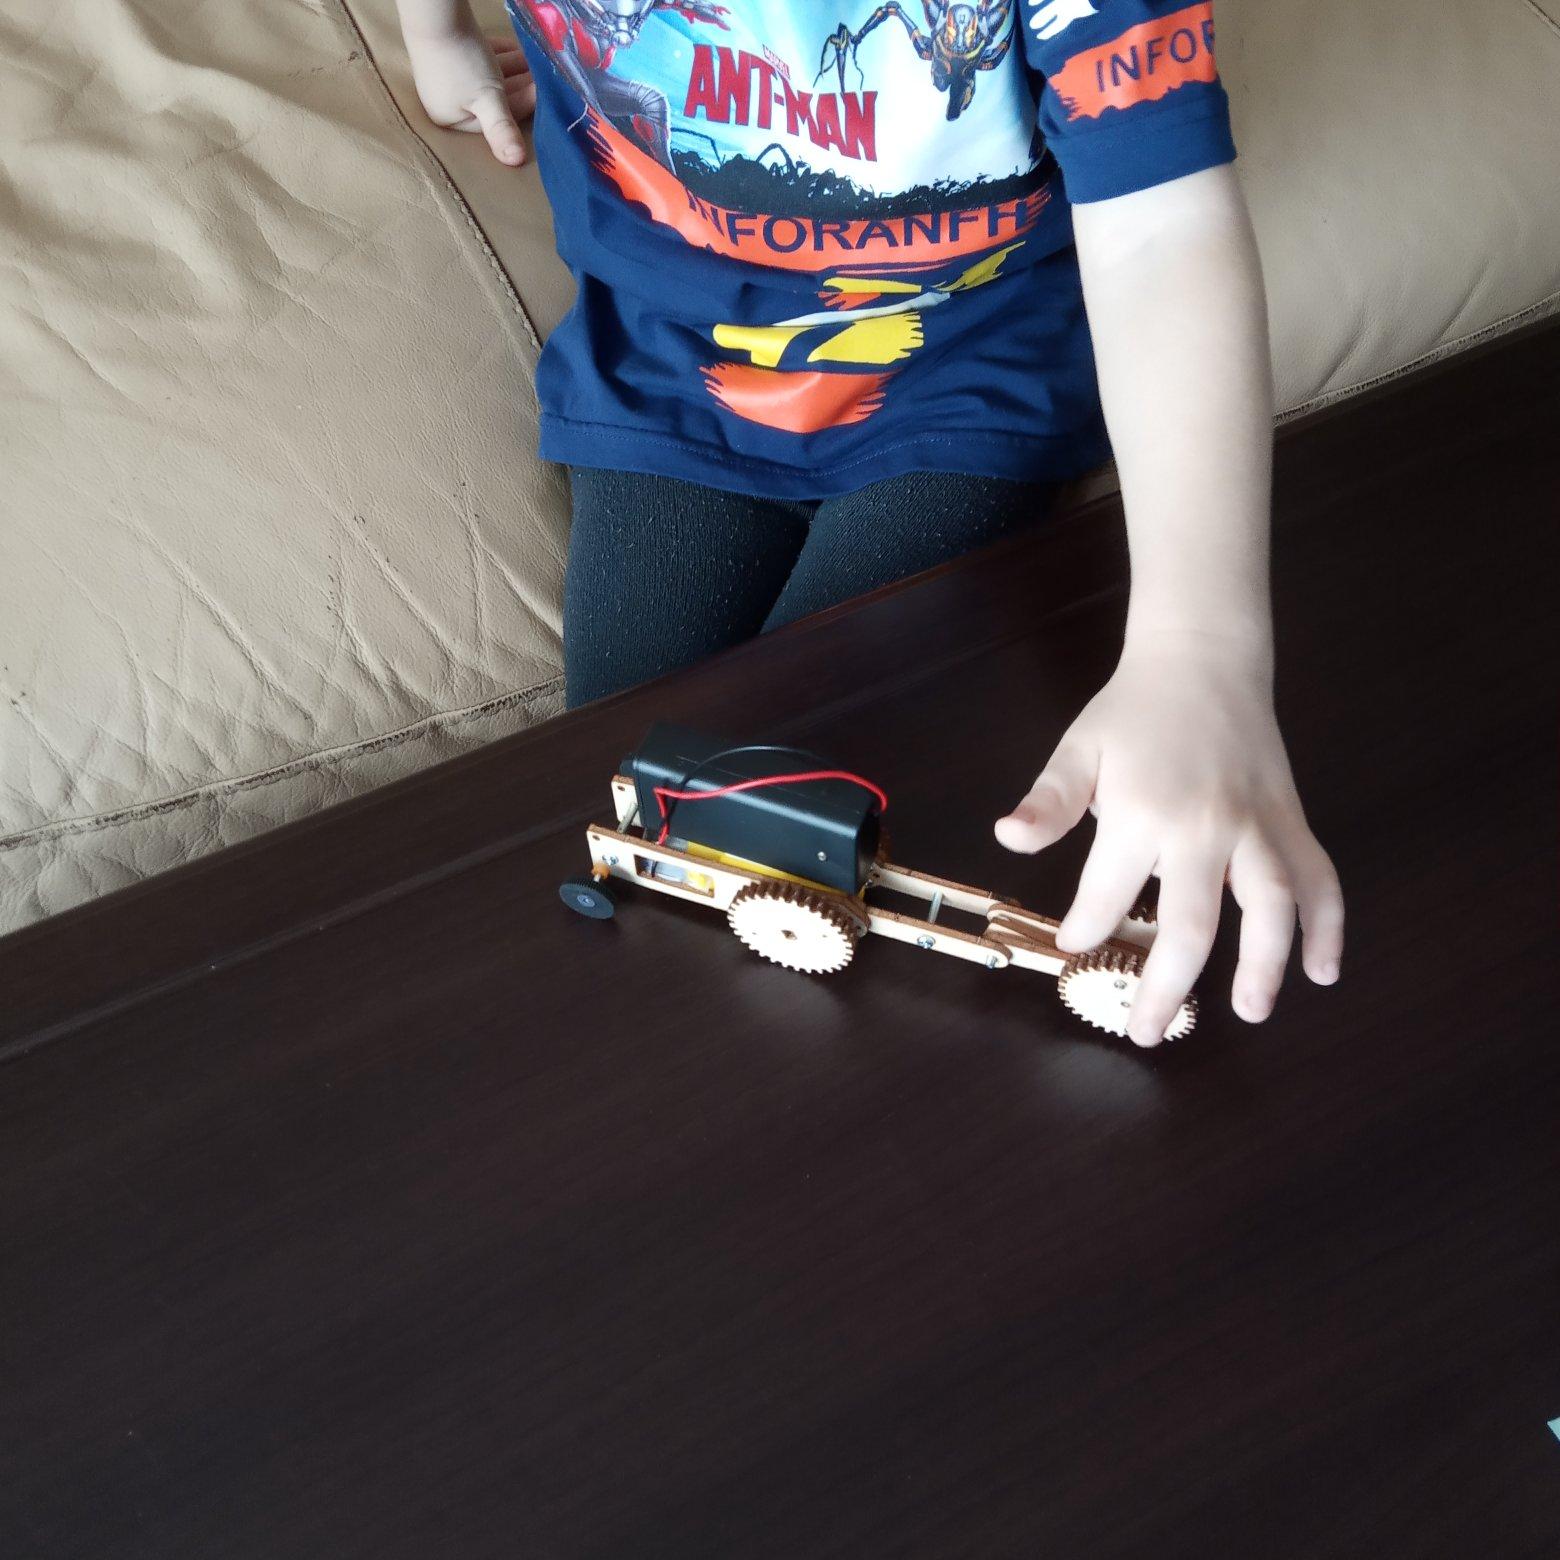 Забавная машинка, которую мы собрали вместе с детьми своими руками.